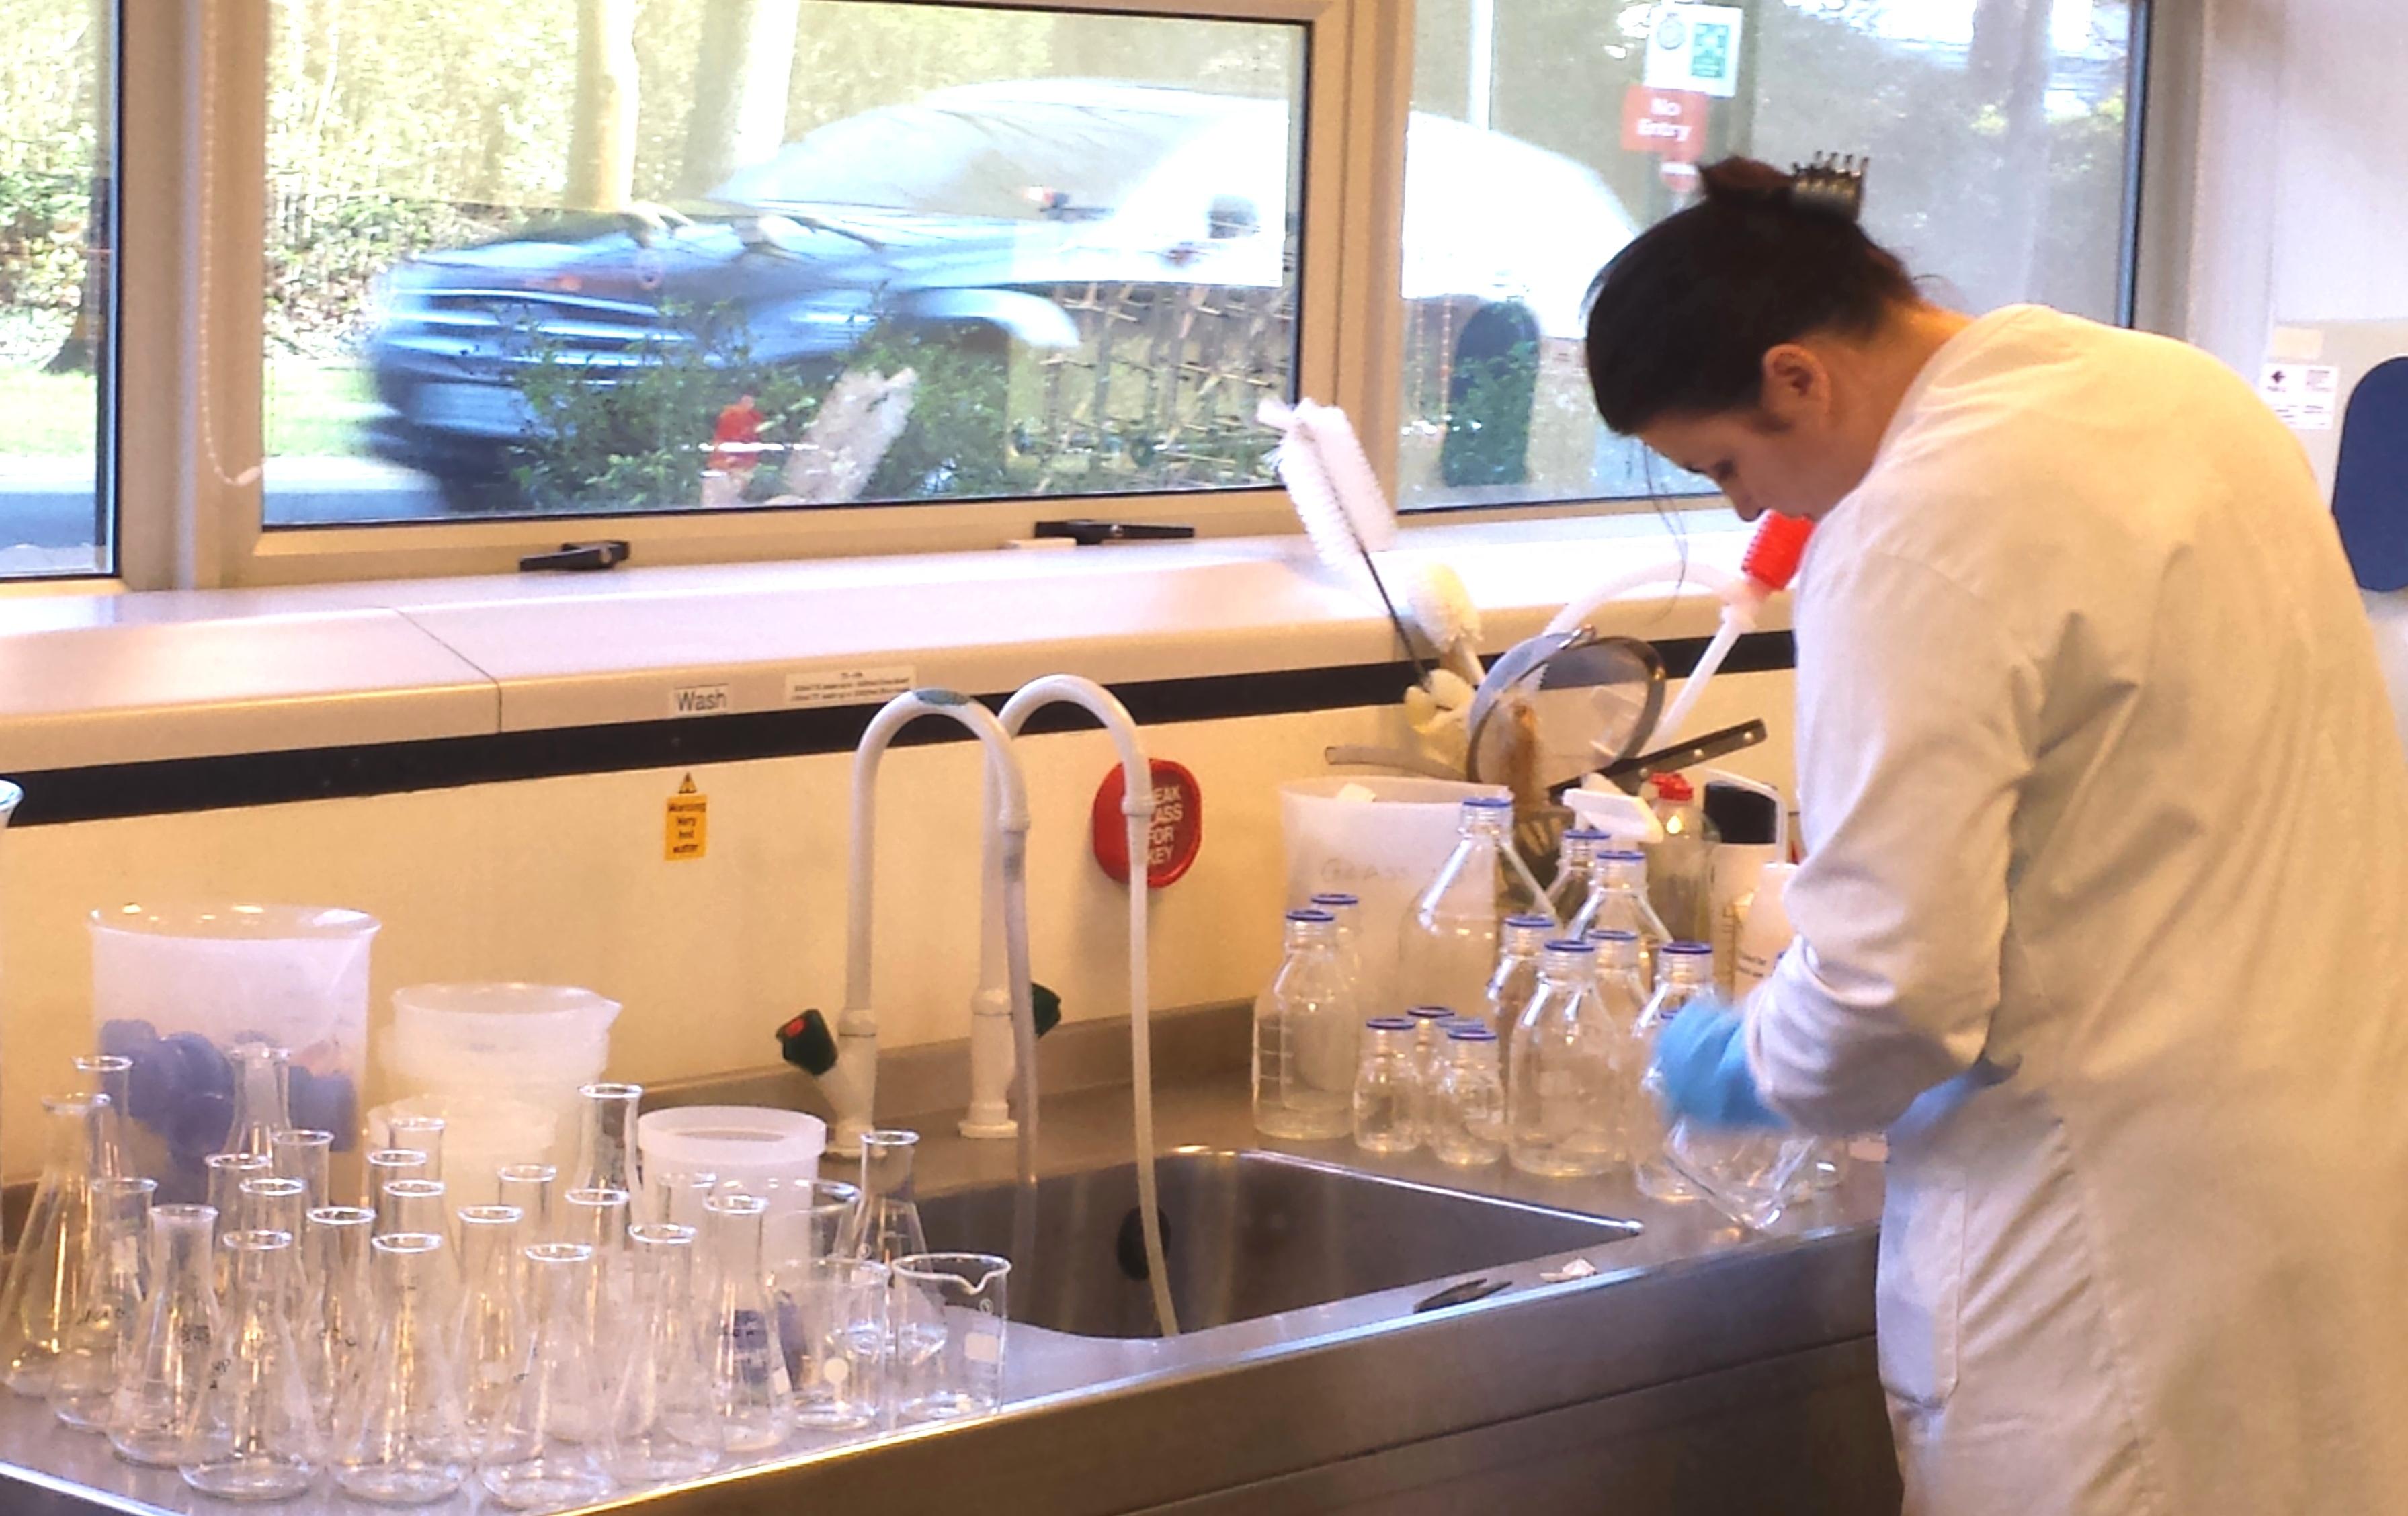 Preparing the glassware